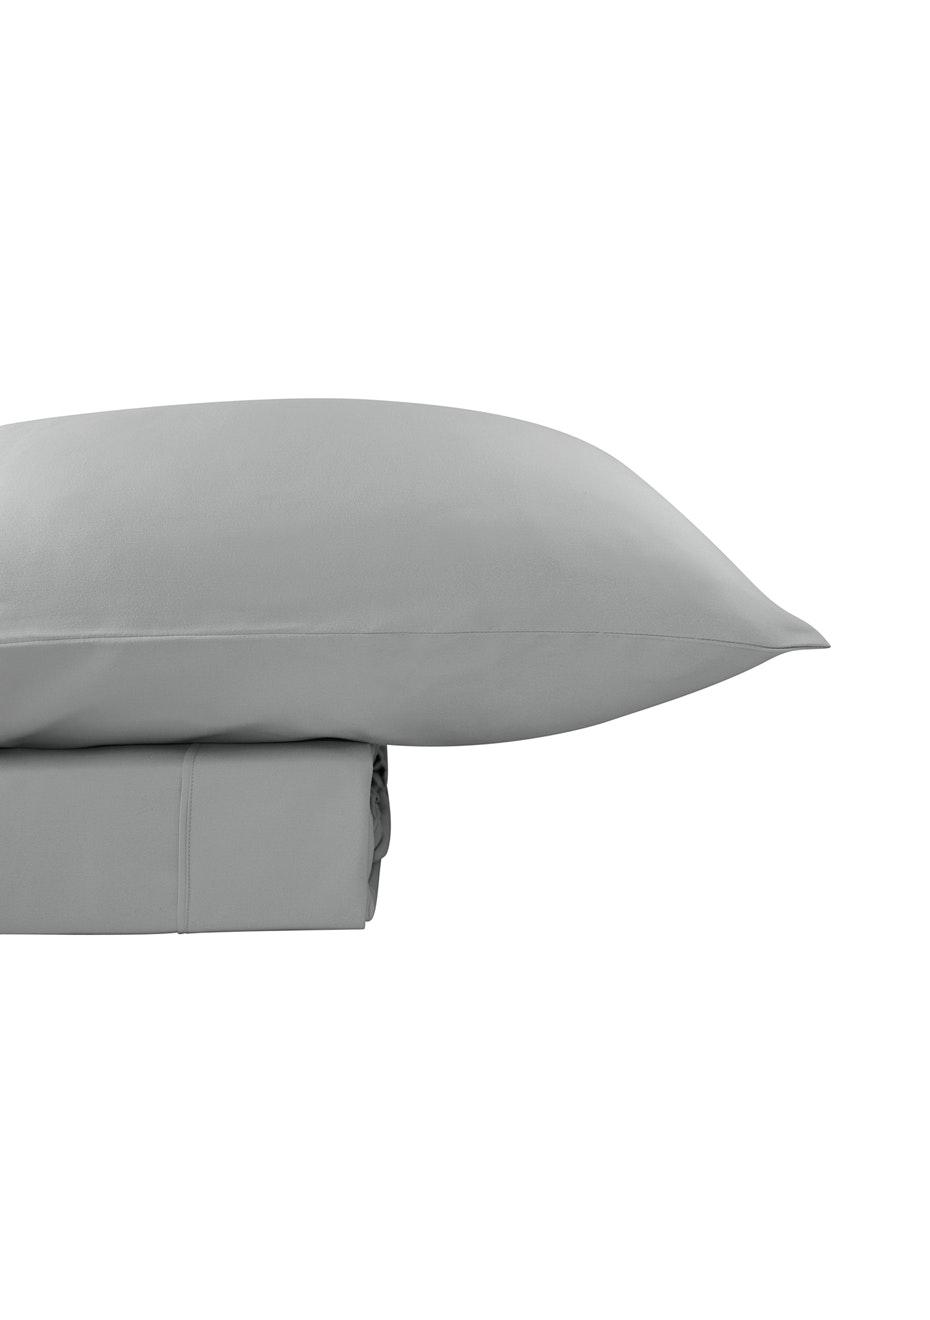 Thermal Flannel Sheet Sets - Glacier - Single Bed